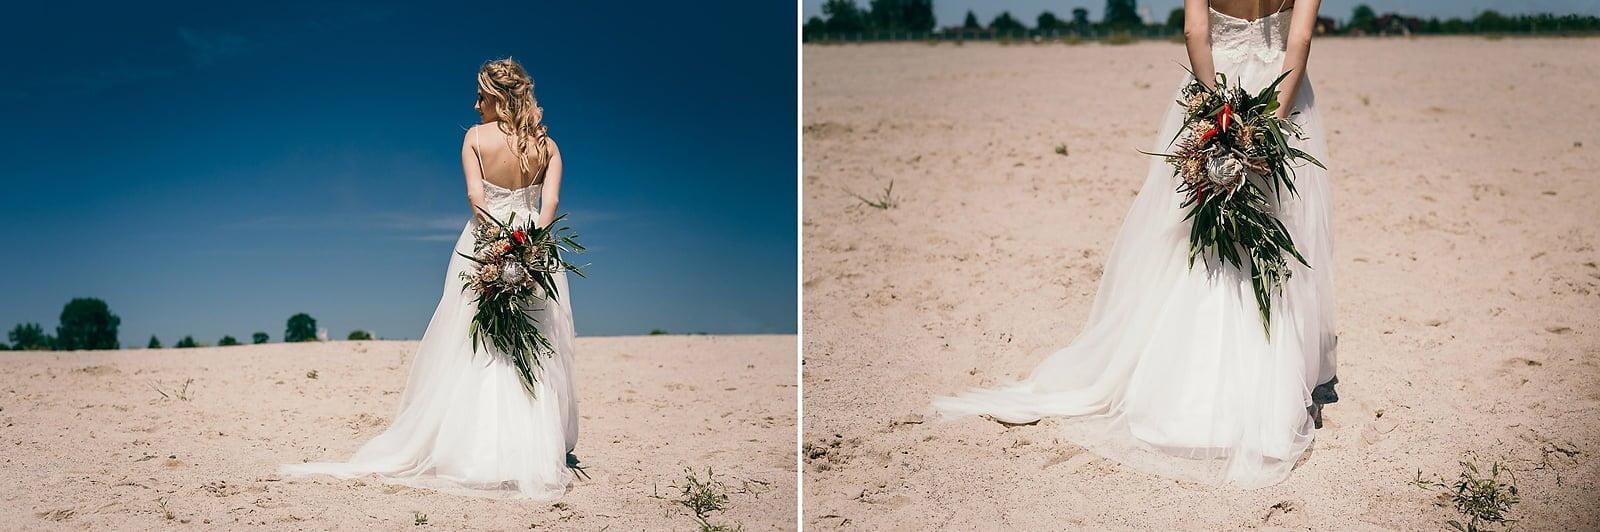 Stylizowana sesja ślubna w klimacie południowej Hiszpanii 25